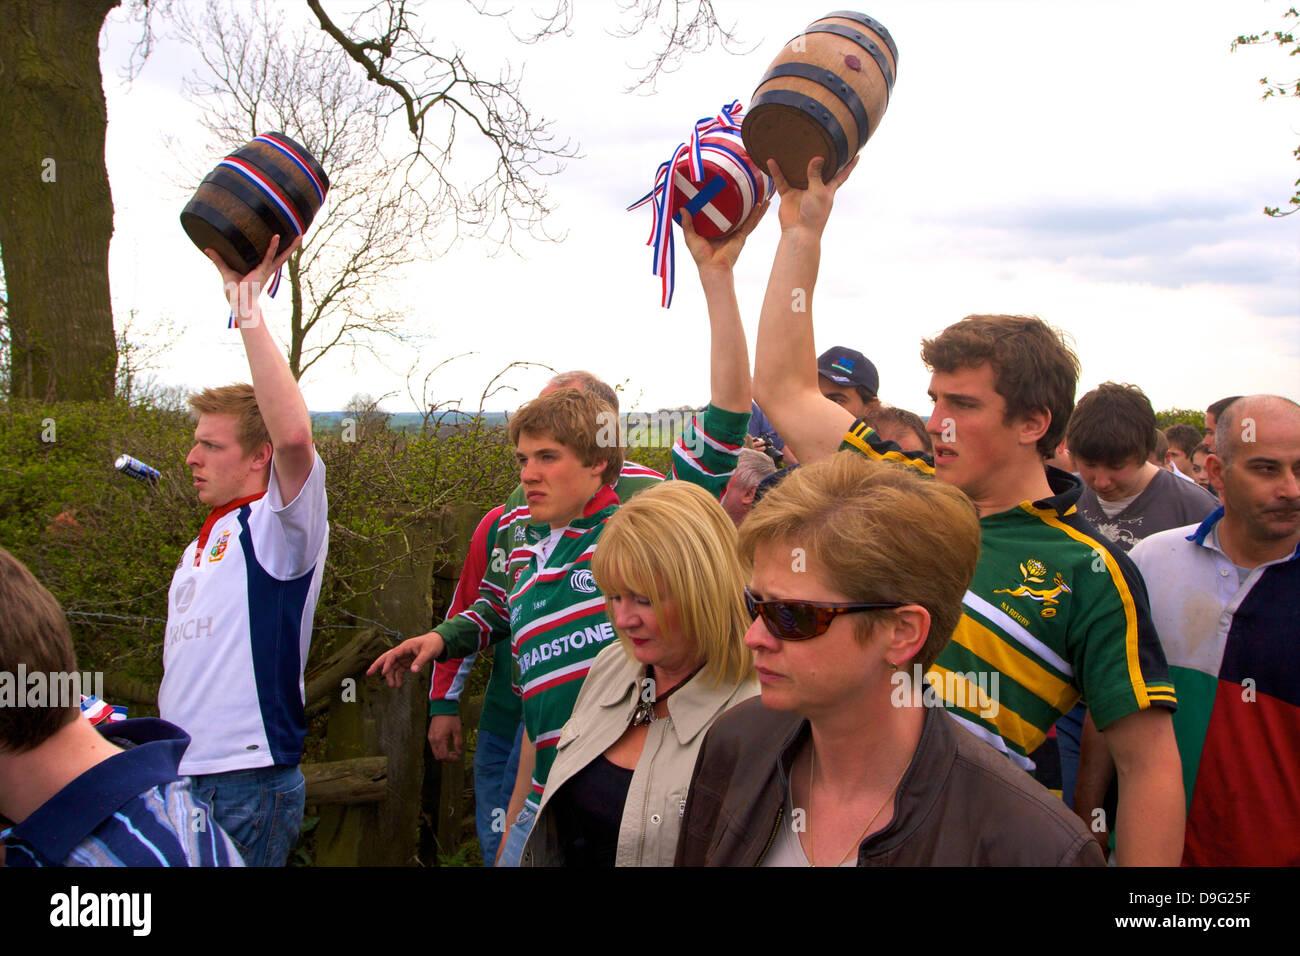 Teilnehmer der Prozession für die jährliche Brauch der Flasche-treten, Hallaton, Leicestershire, England, Stockbild